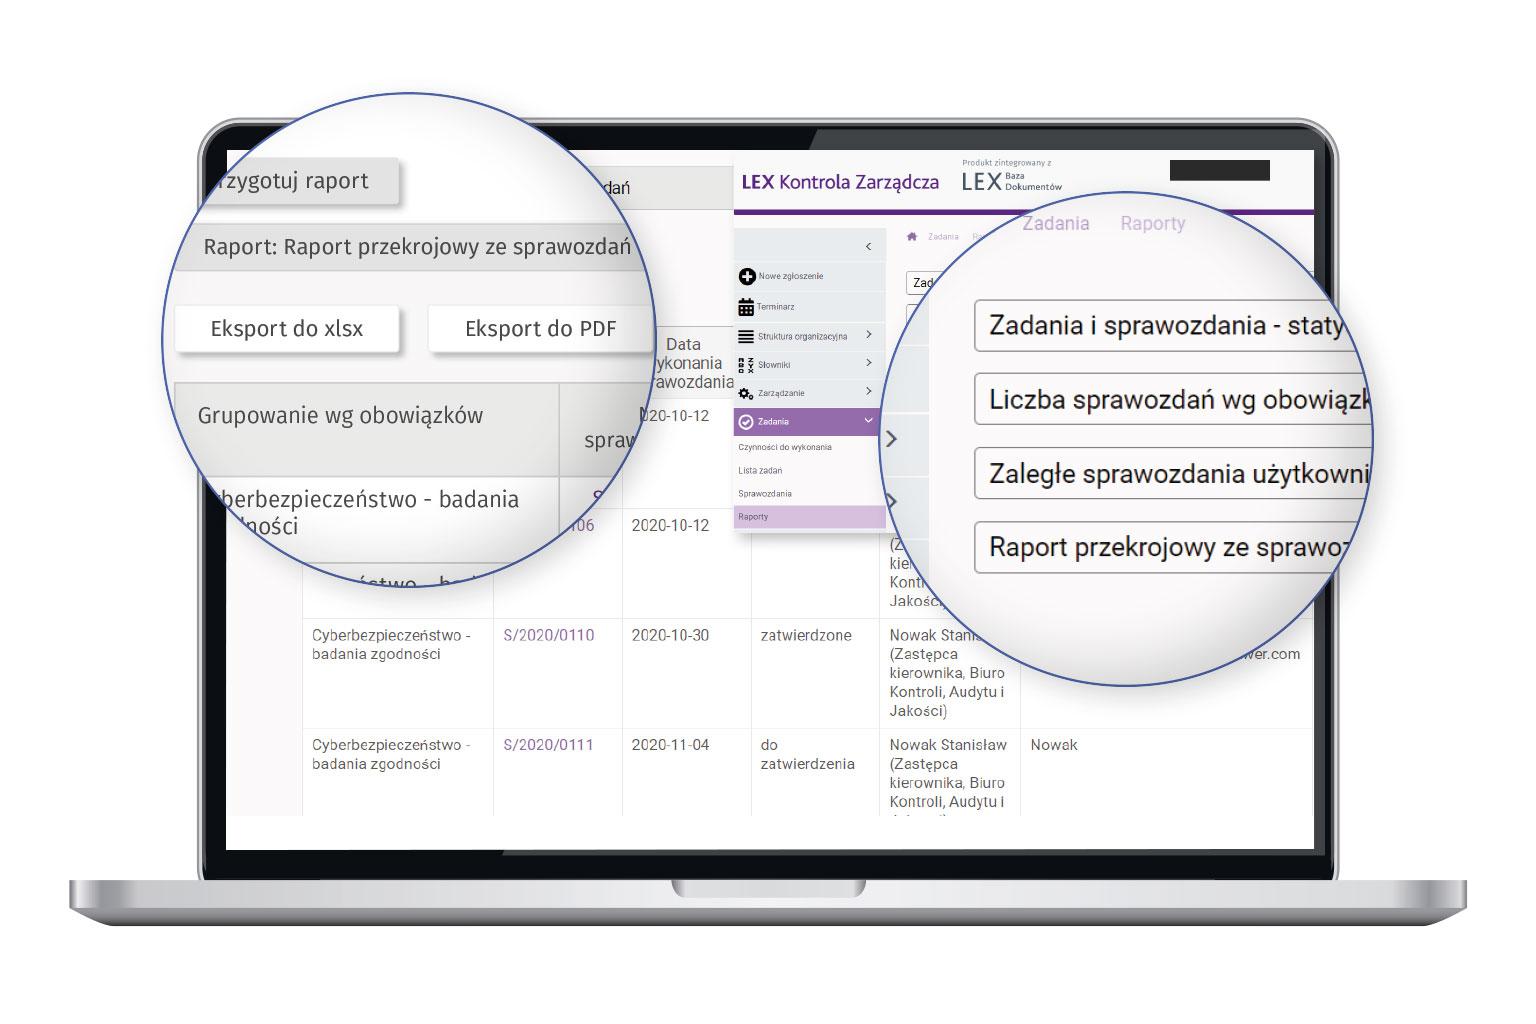 Widok programu LEX Kontrola Zarządcza przedstawiający raporty